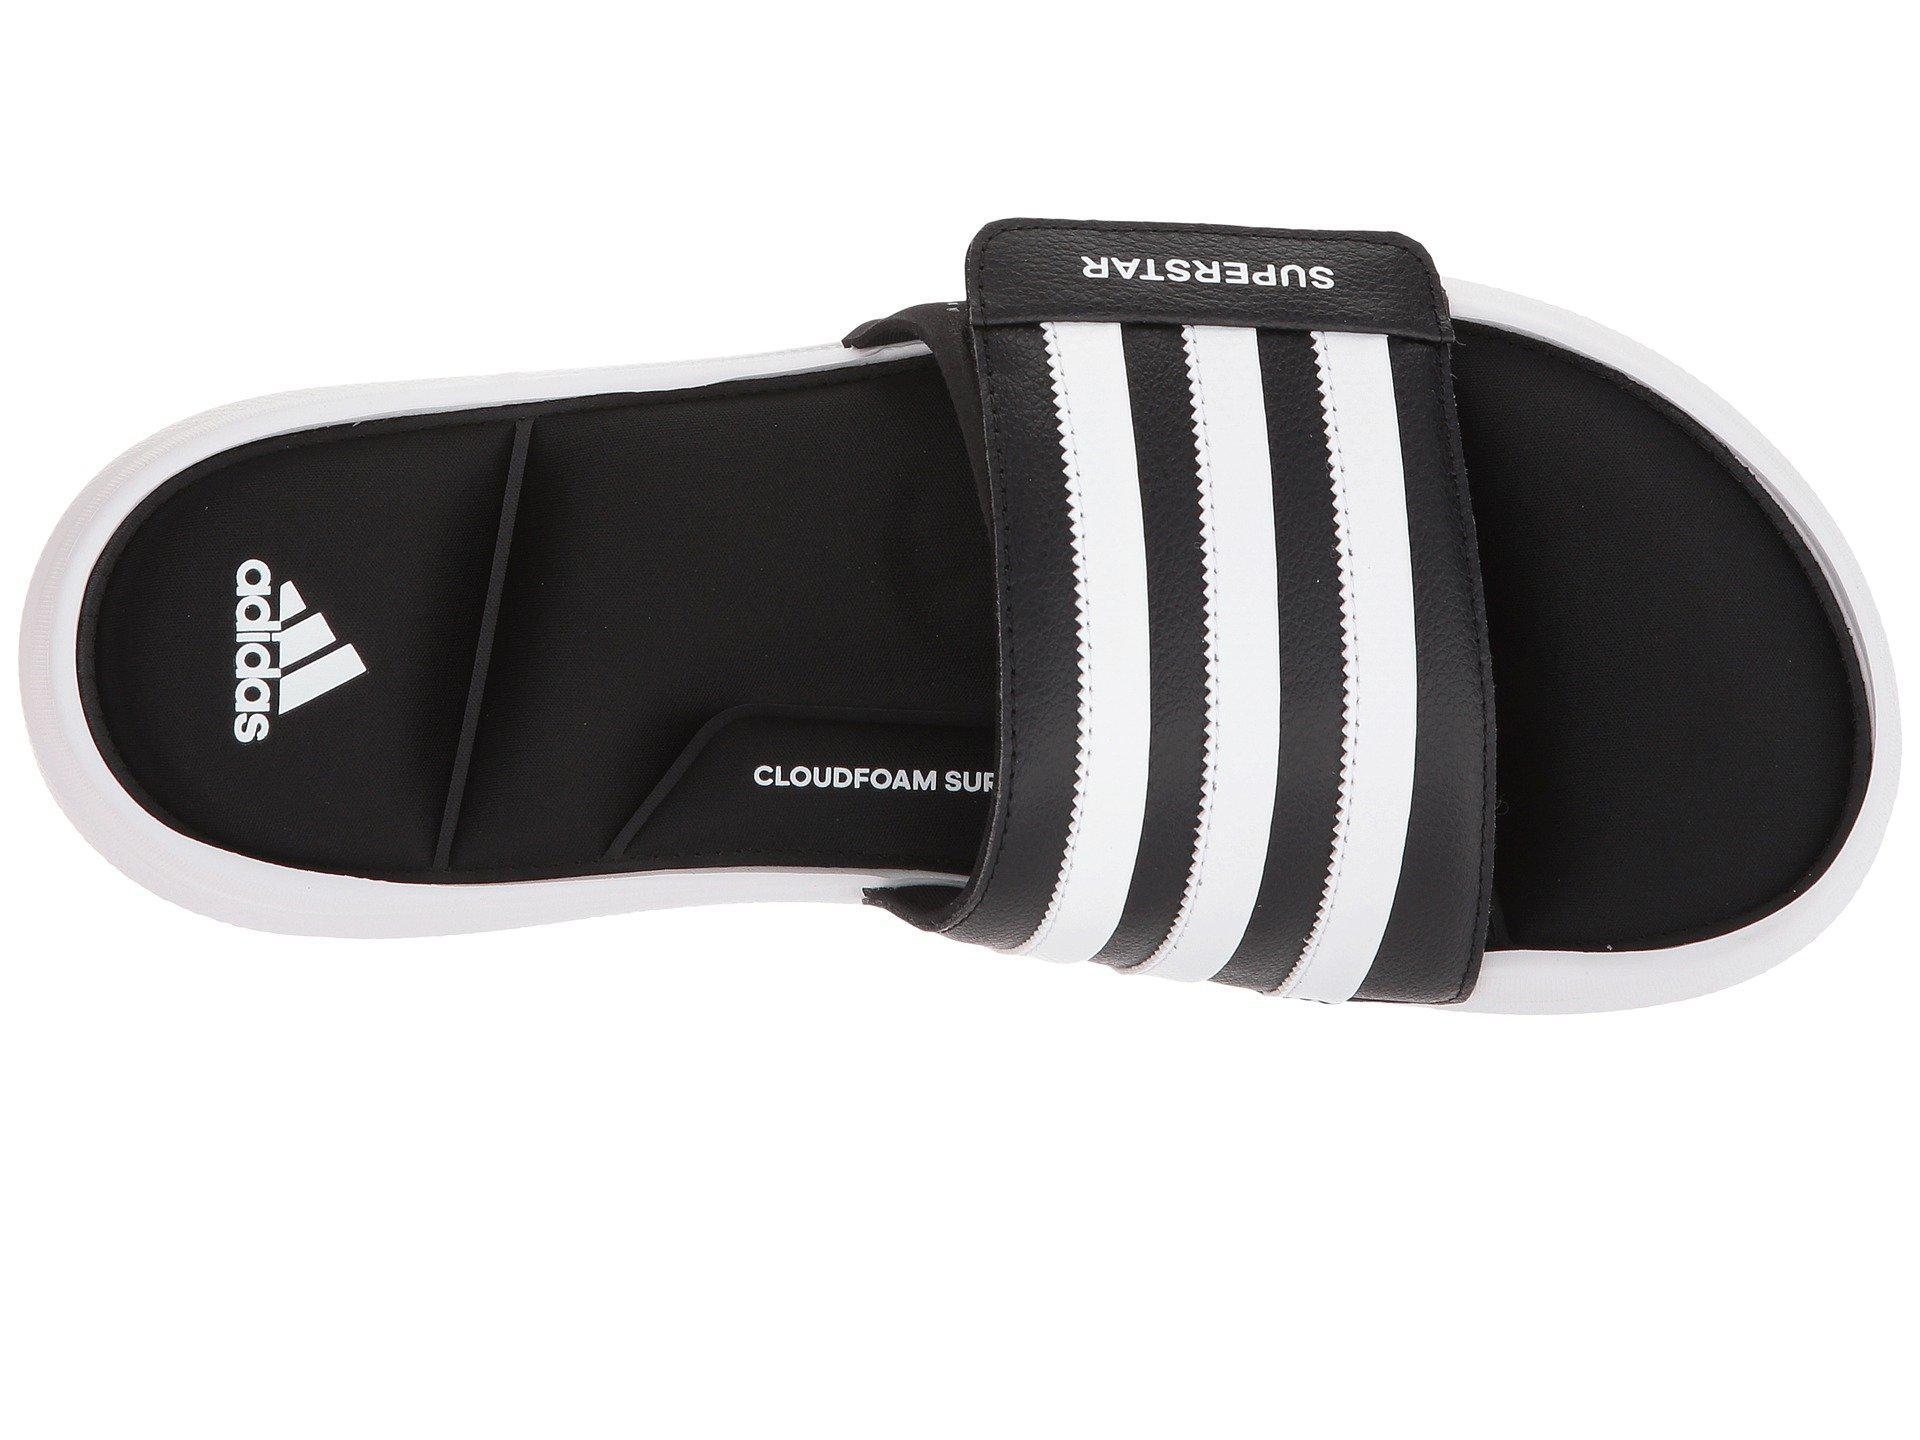 Adidas - Black Superstar 5g Slide Sandal for Men - Lyst. View fullscreen 1201205ca